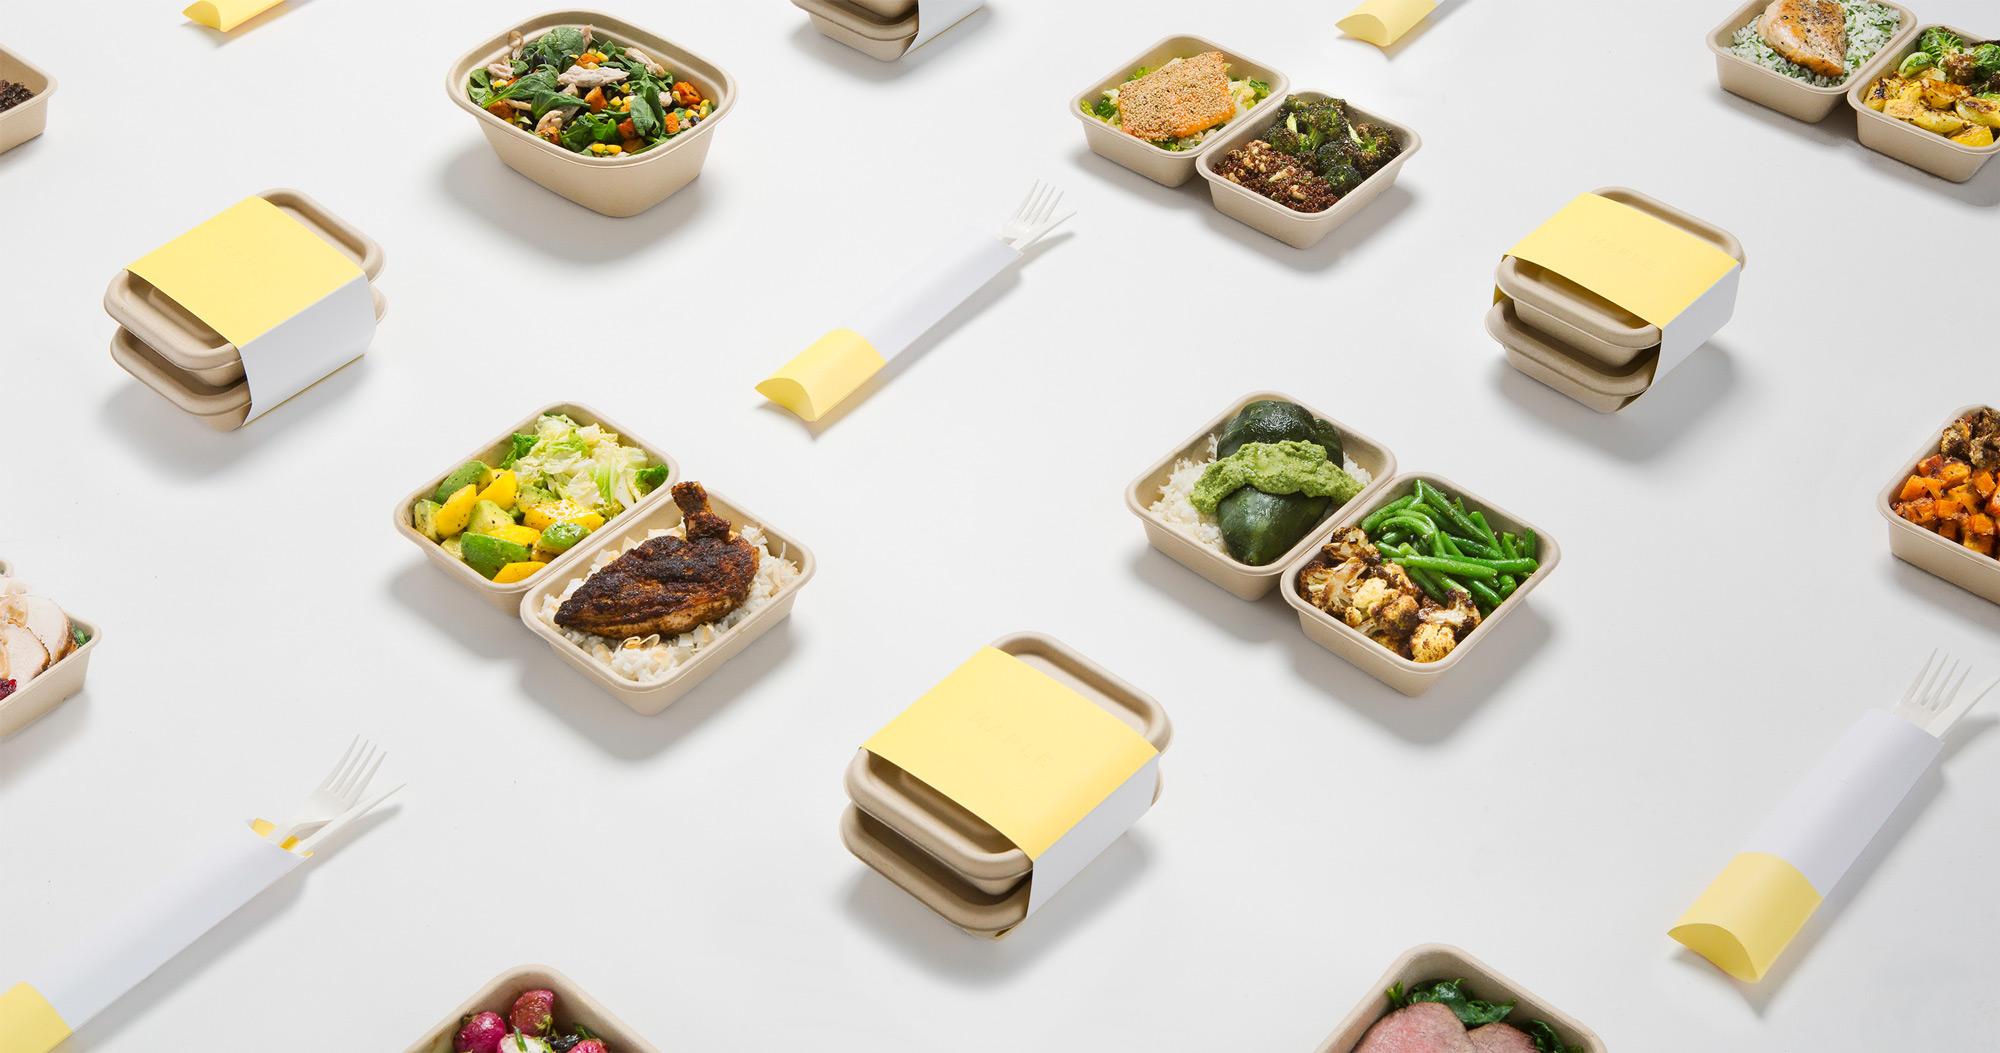 Ordering Food Online In Vietnam: Should Restaurants Offer